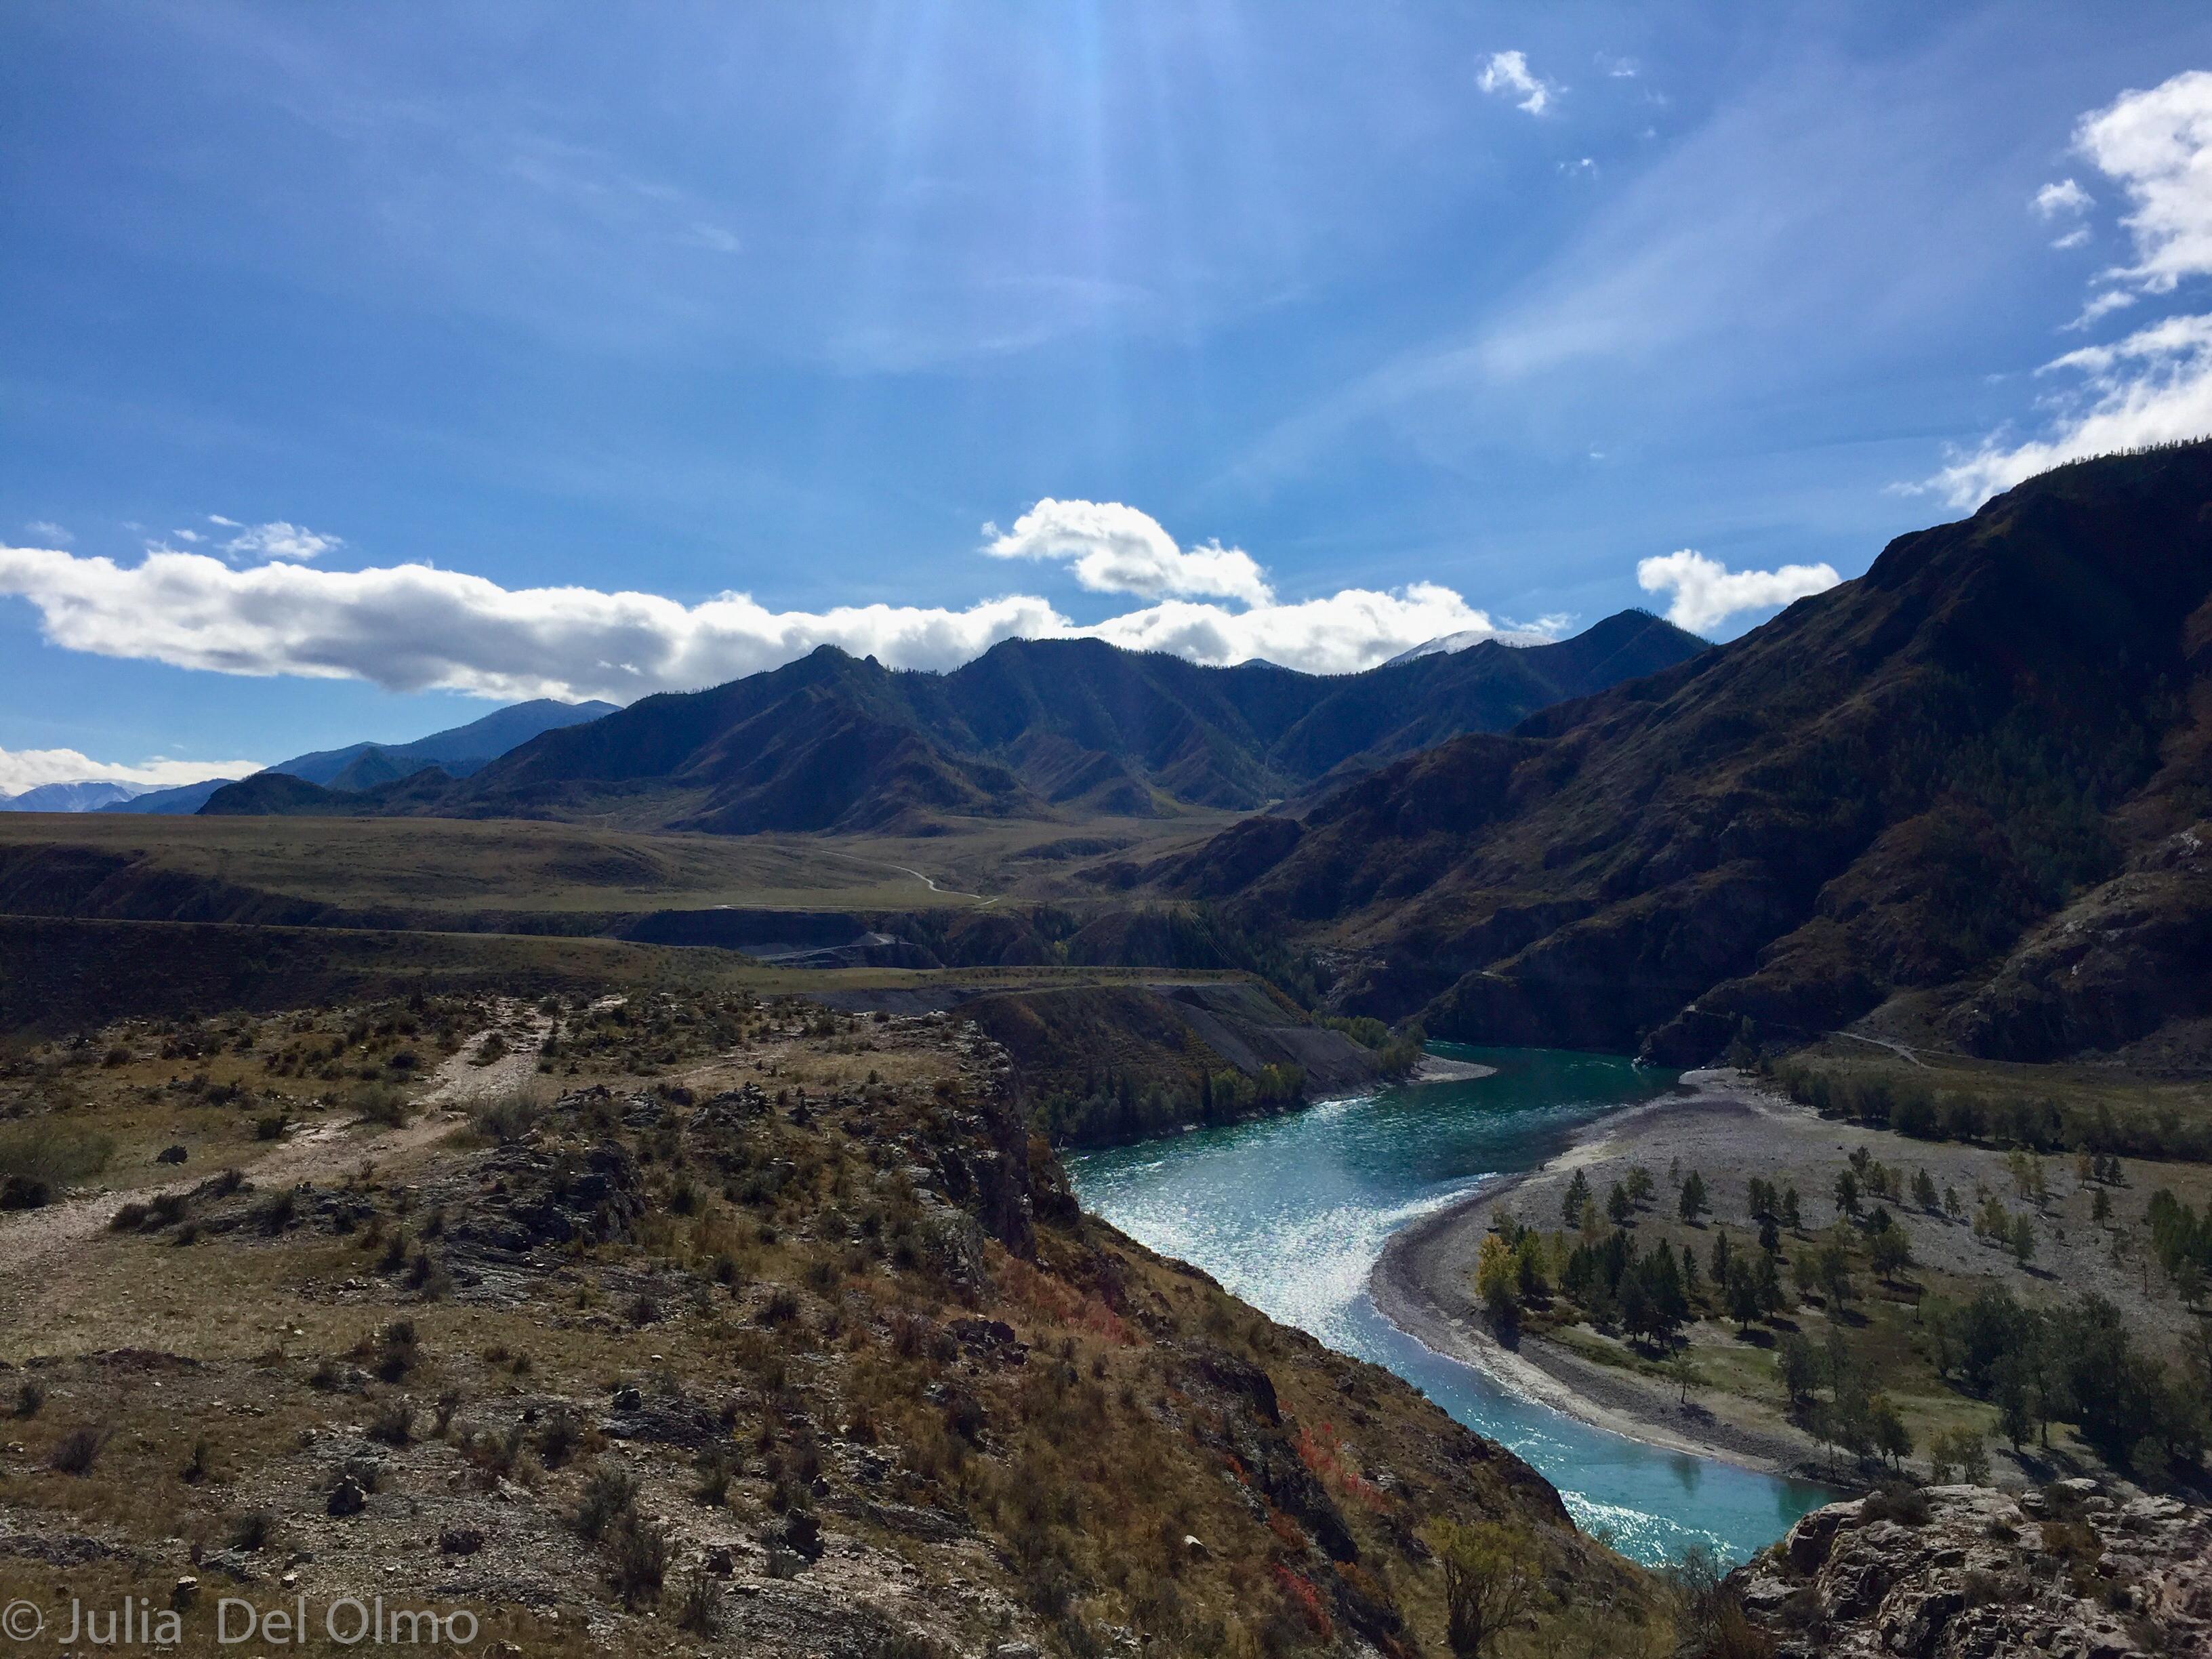 Montañas y ríos en Altai, Rusia